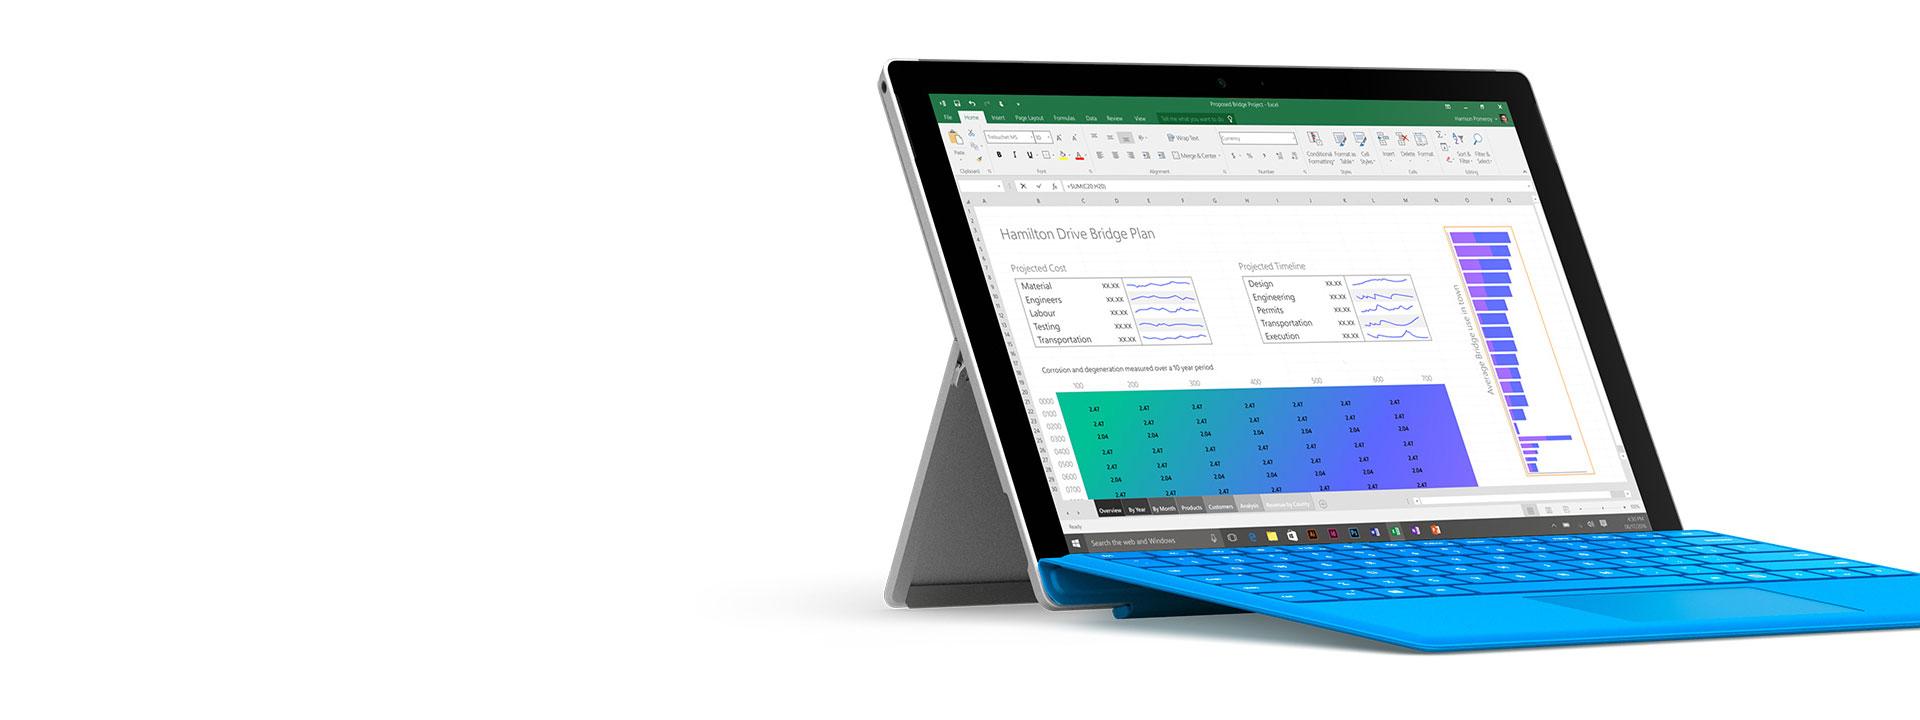 Surface Pro 4 mit geöffnetem Office.